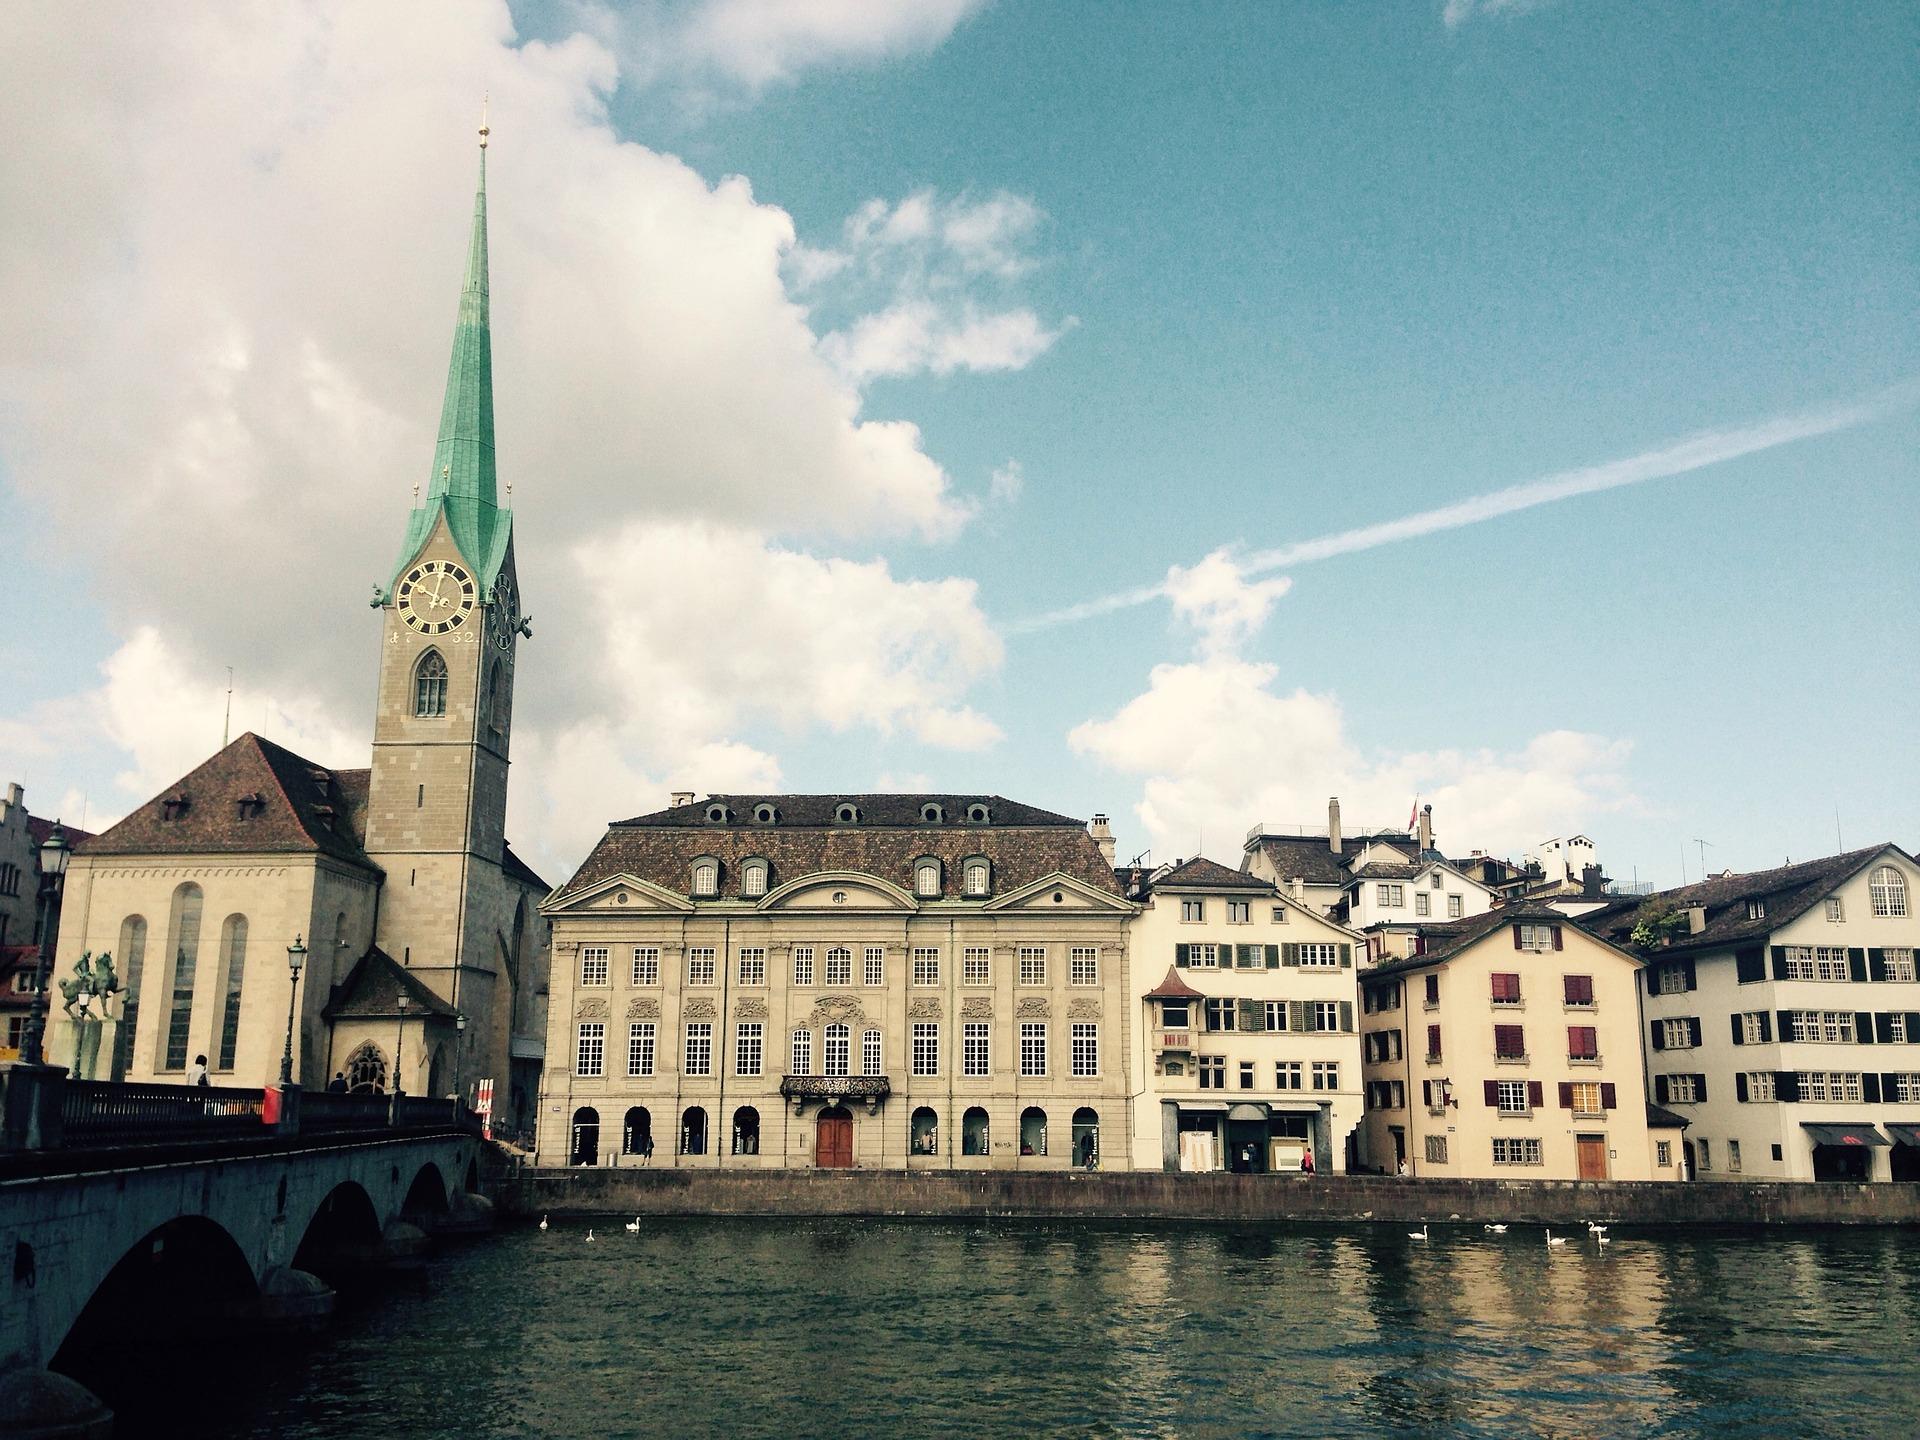 2022年 5/11 瑞士火車精彩深度9日 抵達瑞士蘇黎世